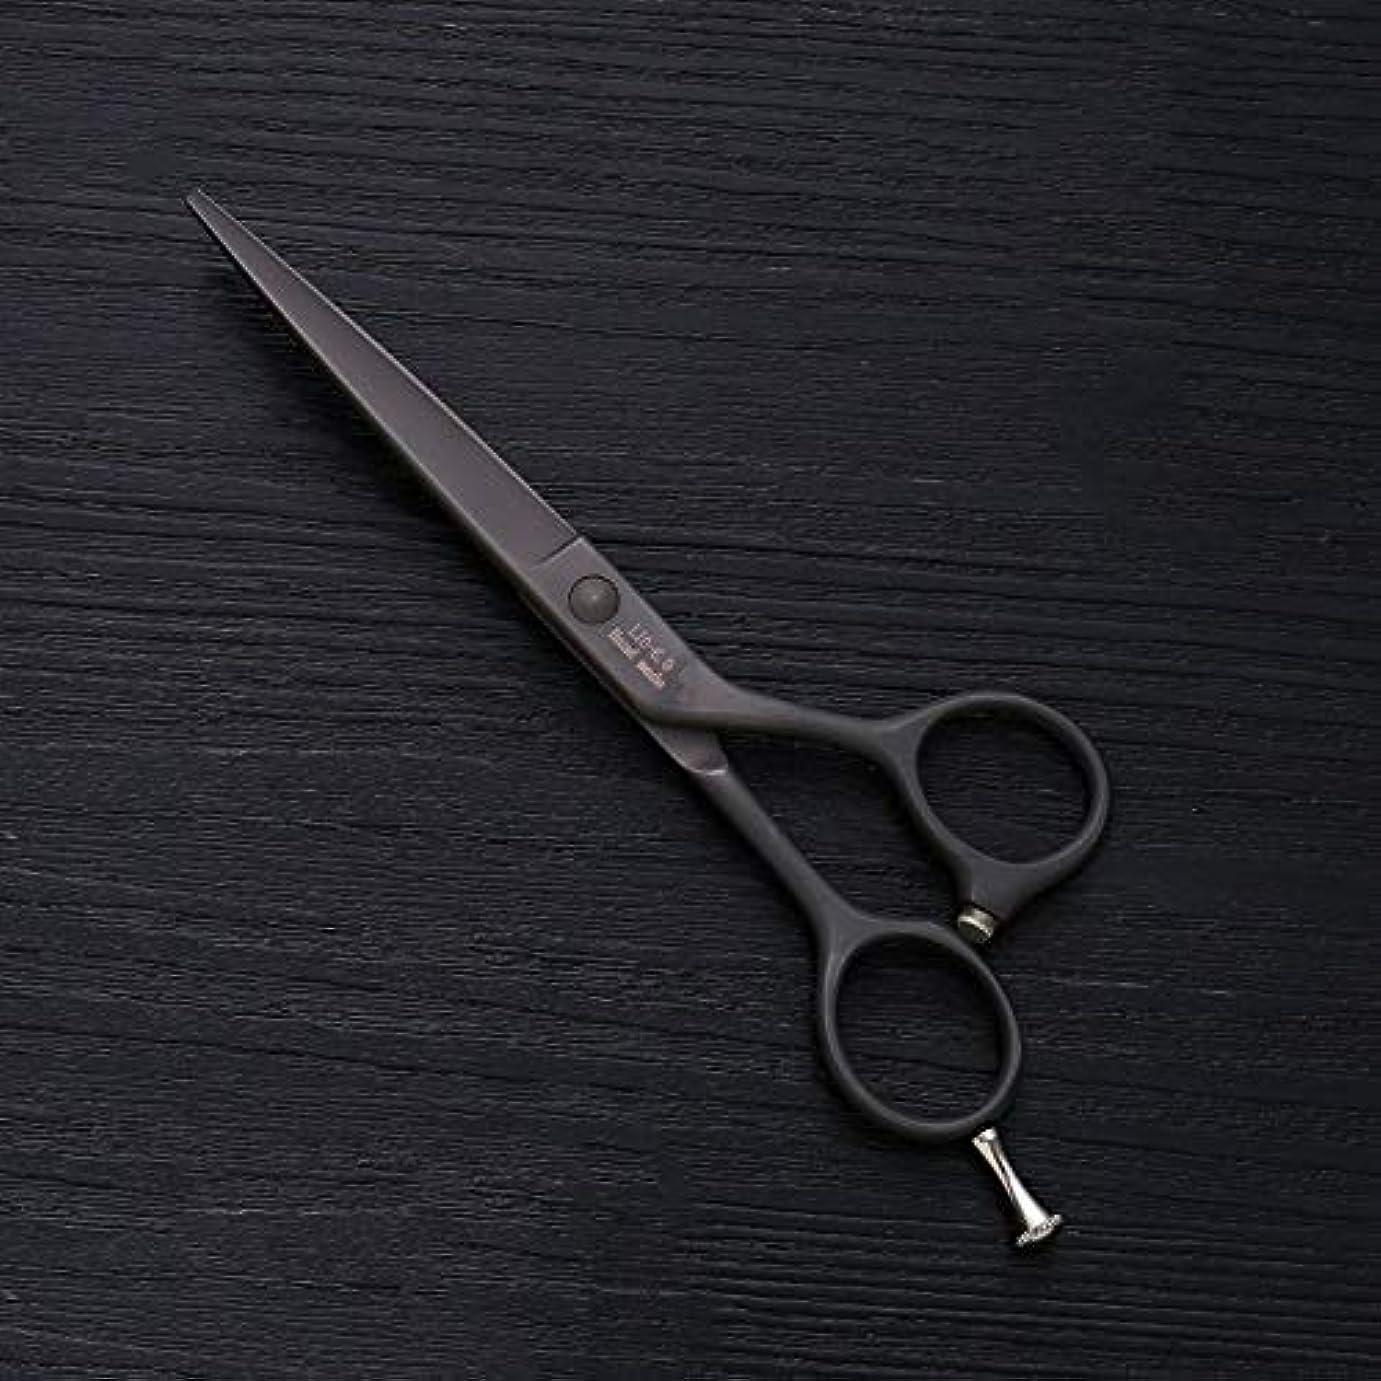 再撮りロースト出血6インチの美容院の専門のヘアカットの毛、ステンレス鋼の理髪の平らなせん断 ヘアケア (色 : 黒)